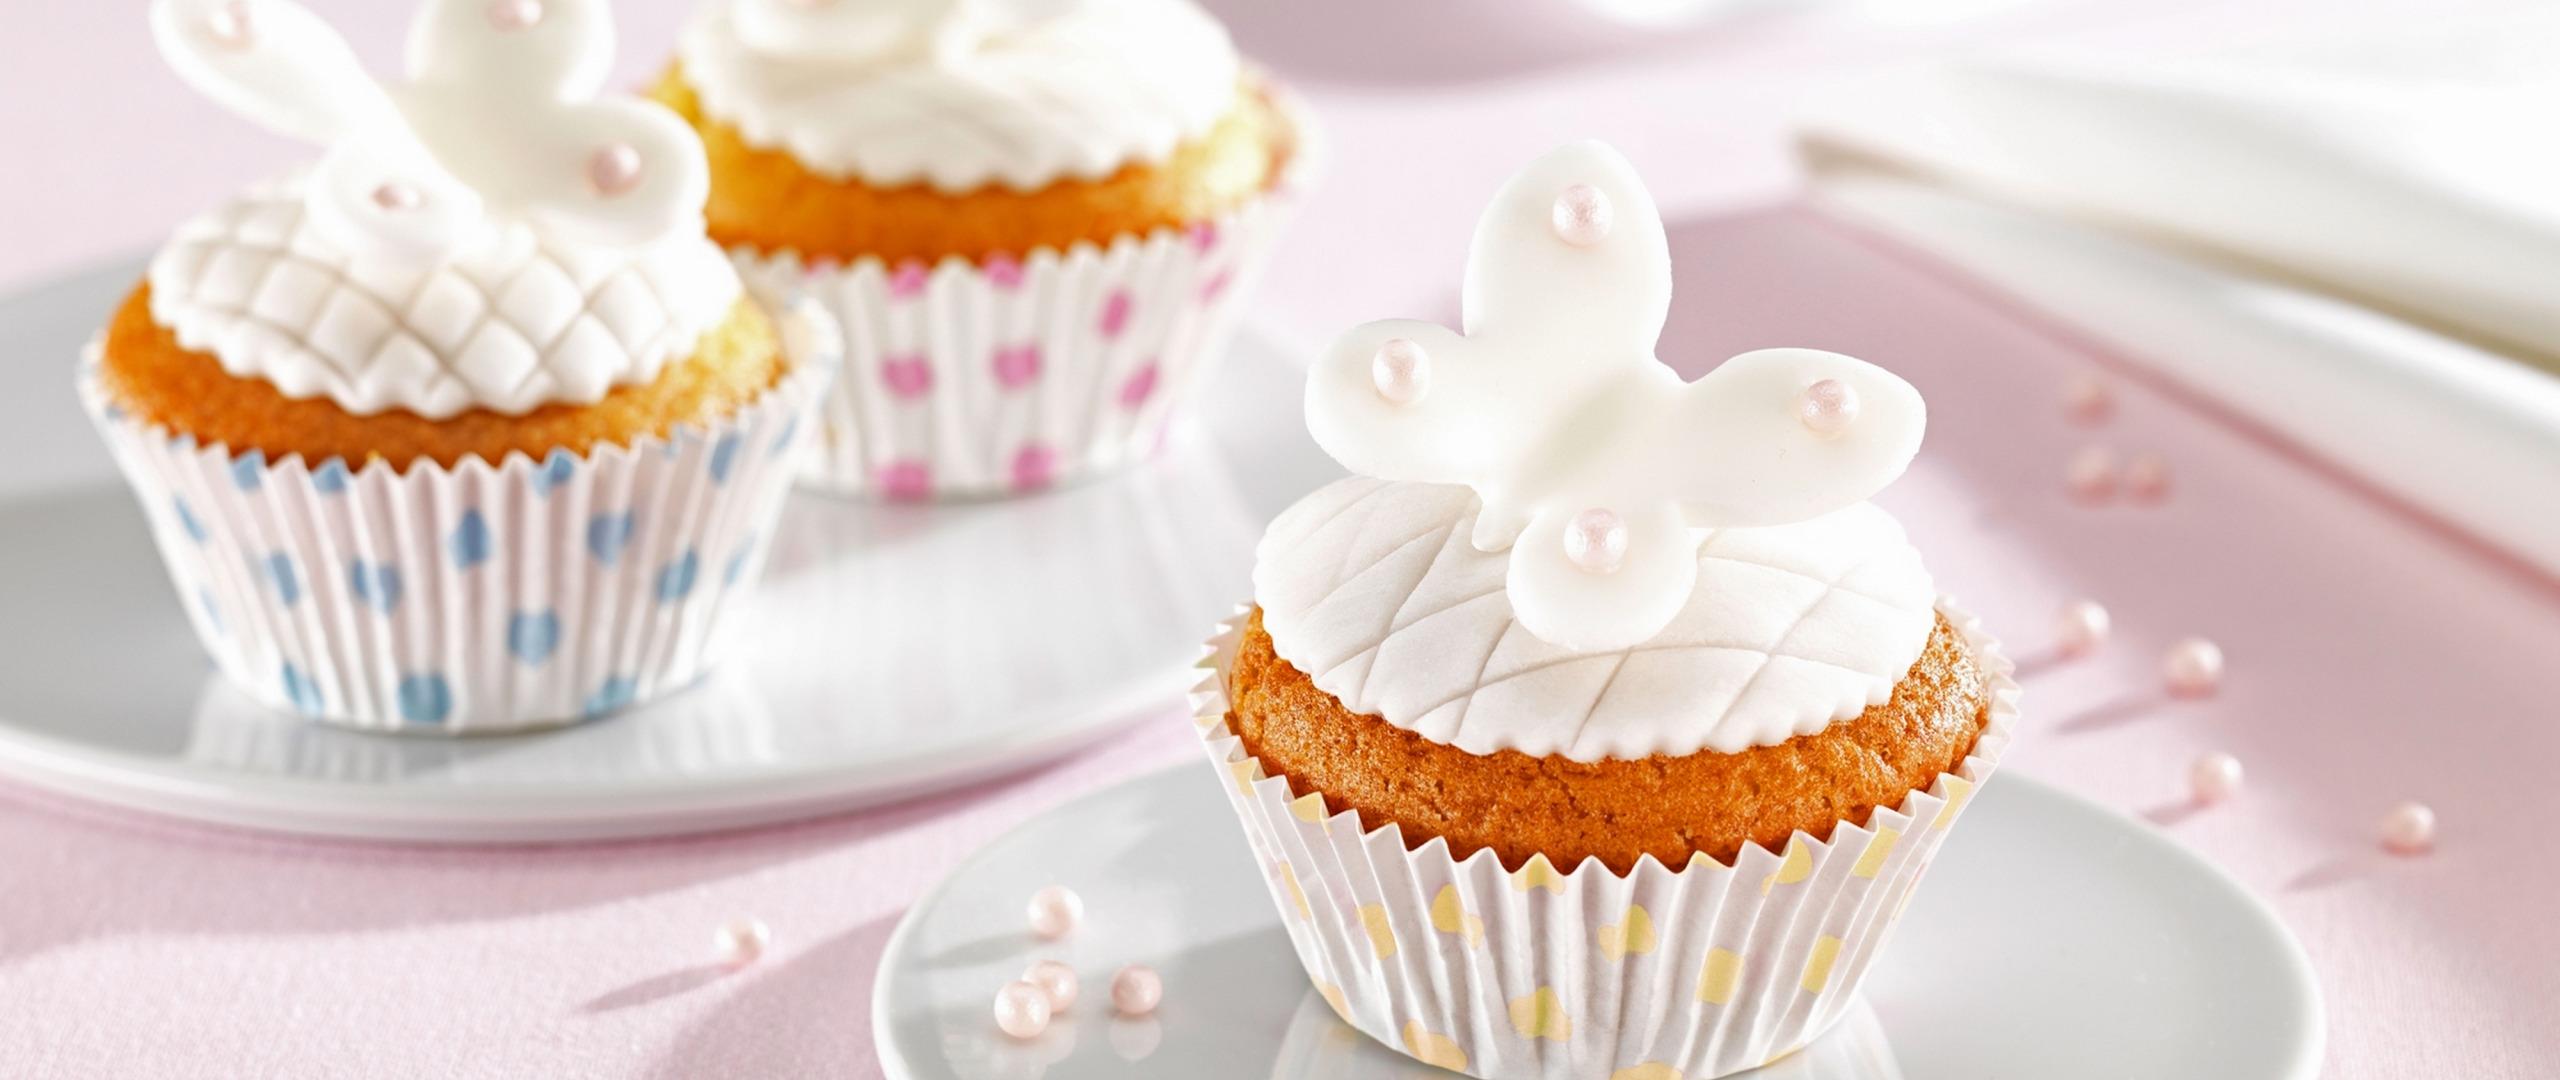 кексы пирожное cupcakes cake  № 132195 загрузить